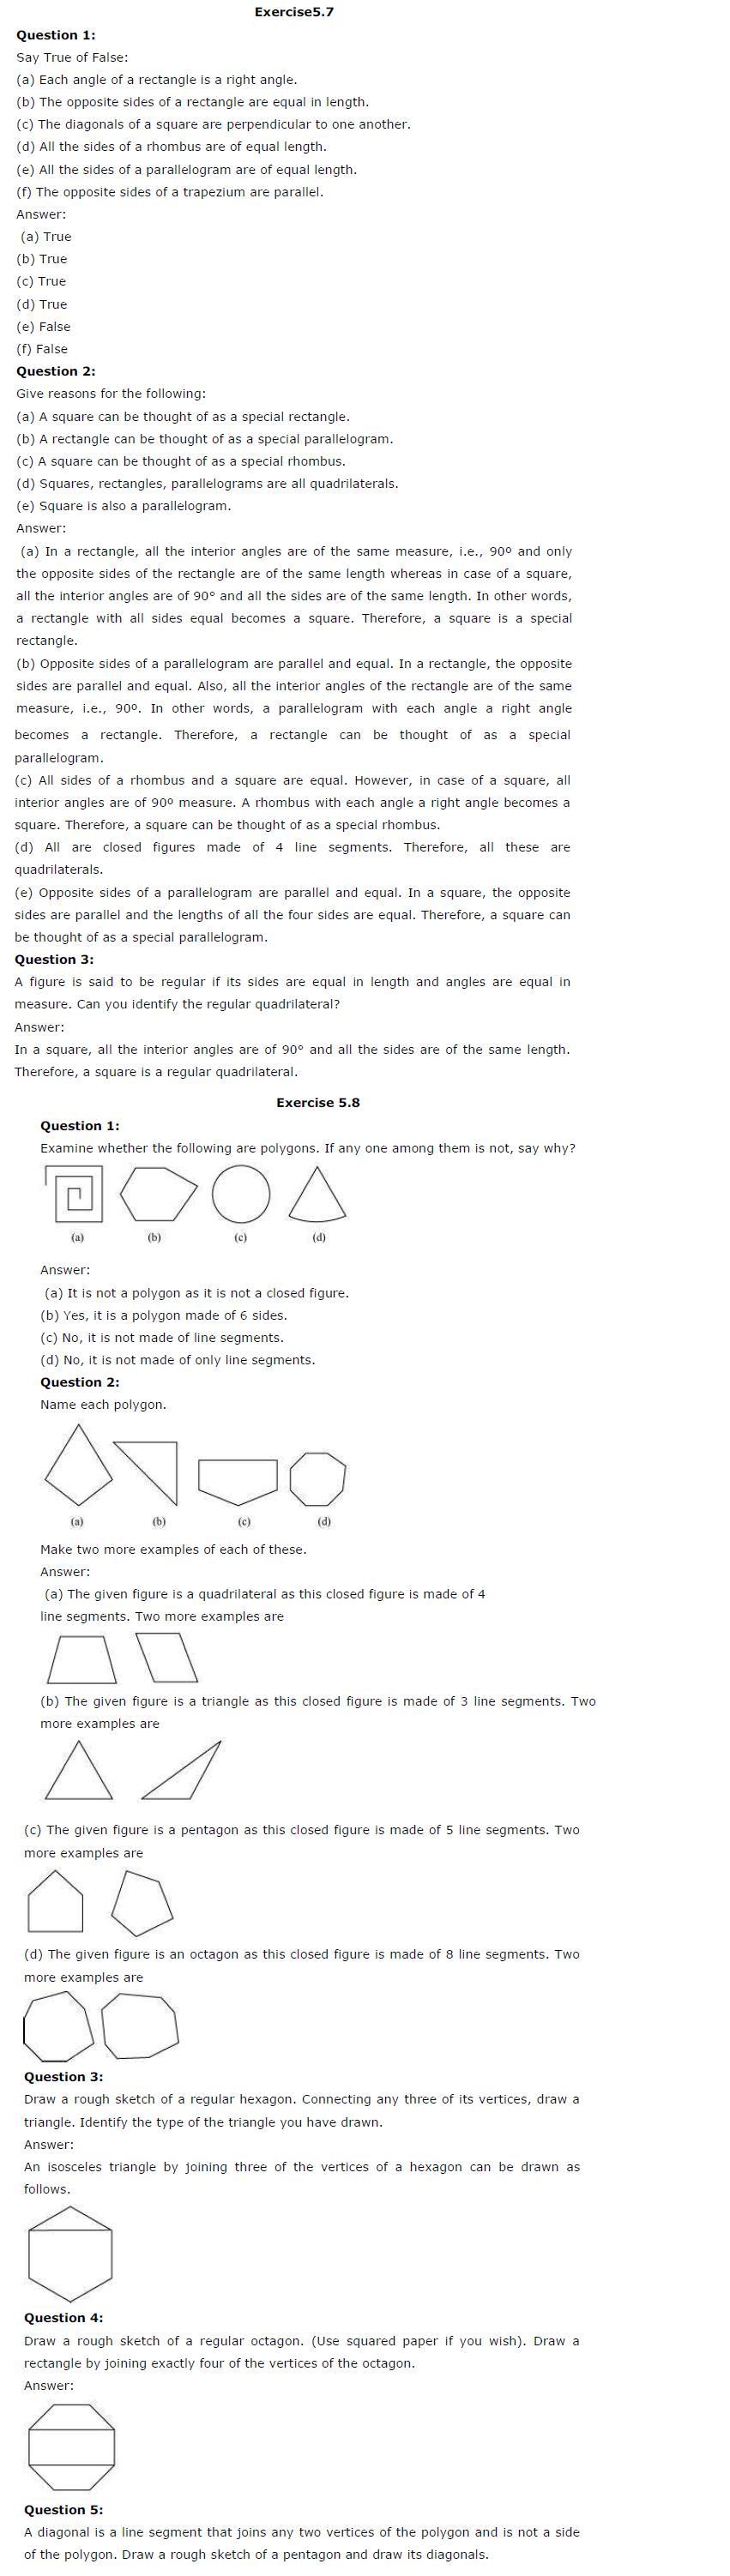 NCERT Solutions For Class 6 Maths Chapter 5 Understanding